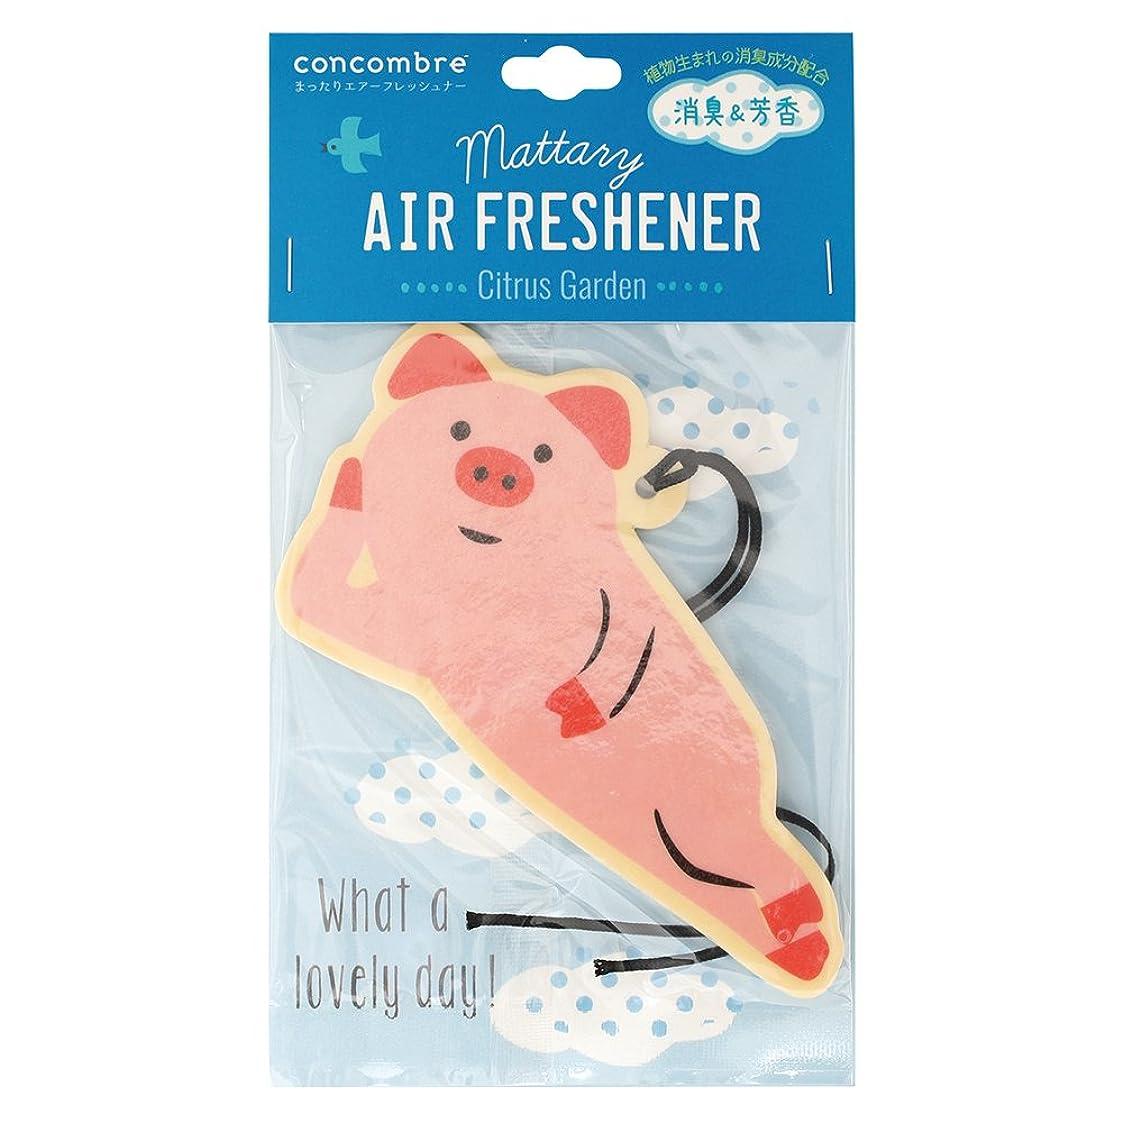 登録する逸話受け皿concombre 芳香剤 まったりエアーフレッシュナー 吊り下げ 消臭成分配合 シトラスの香り OA-DKA-5-2